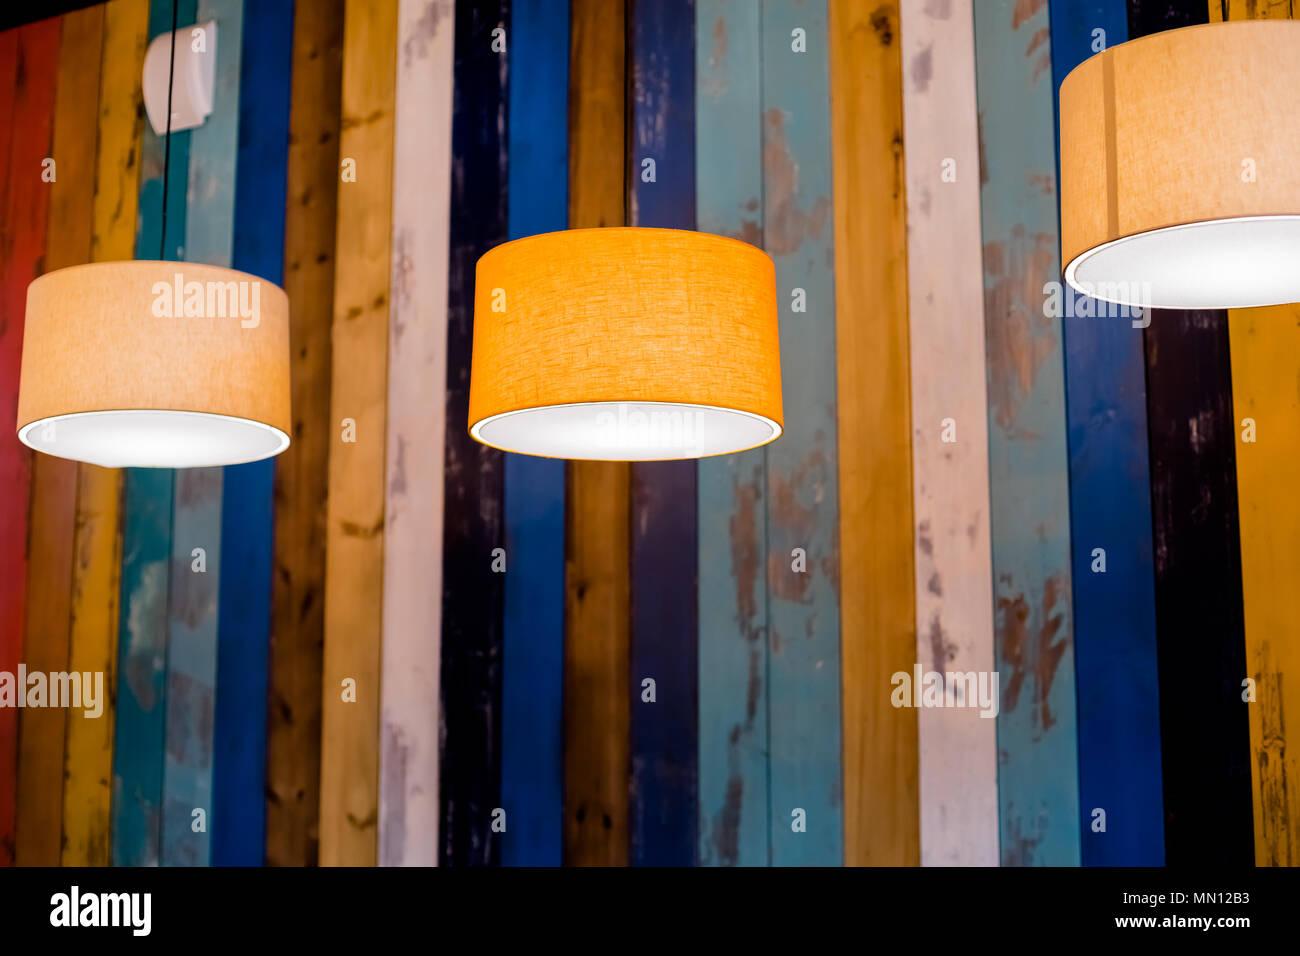 Cercle De La Lampe Lampe De Plafond Suspendu Orange Pendentif Retro